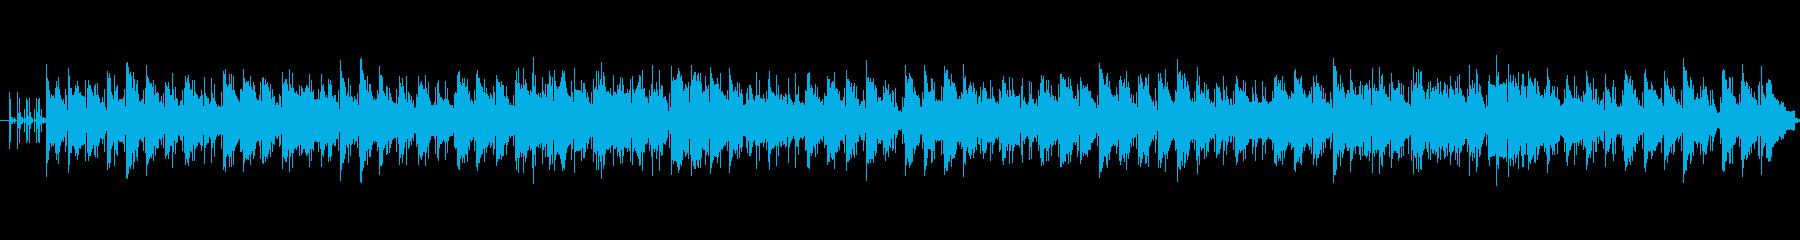 悲しげなストリングスとギターのアルペジオの再生済みの波形